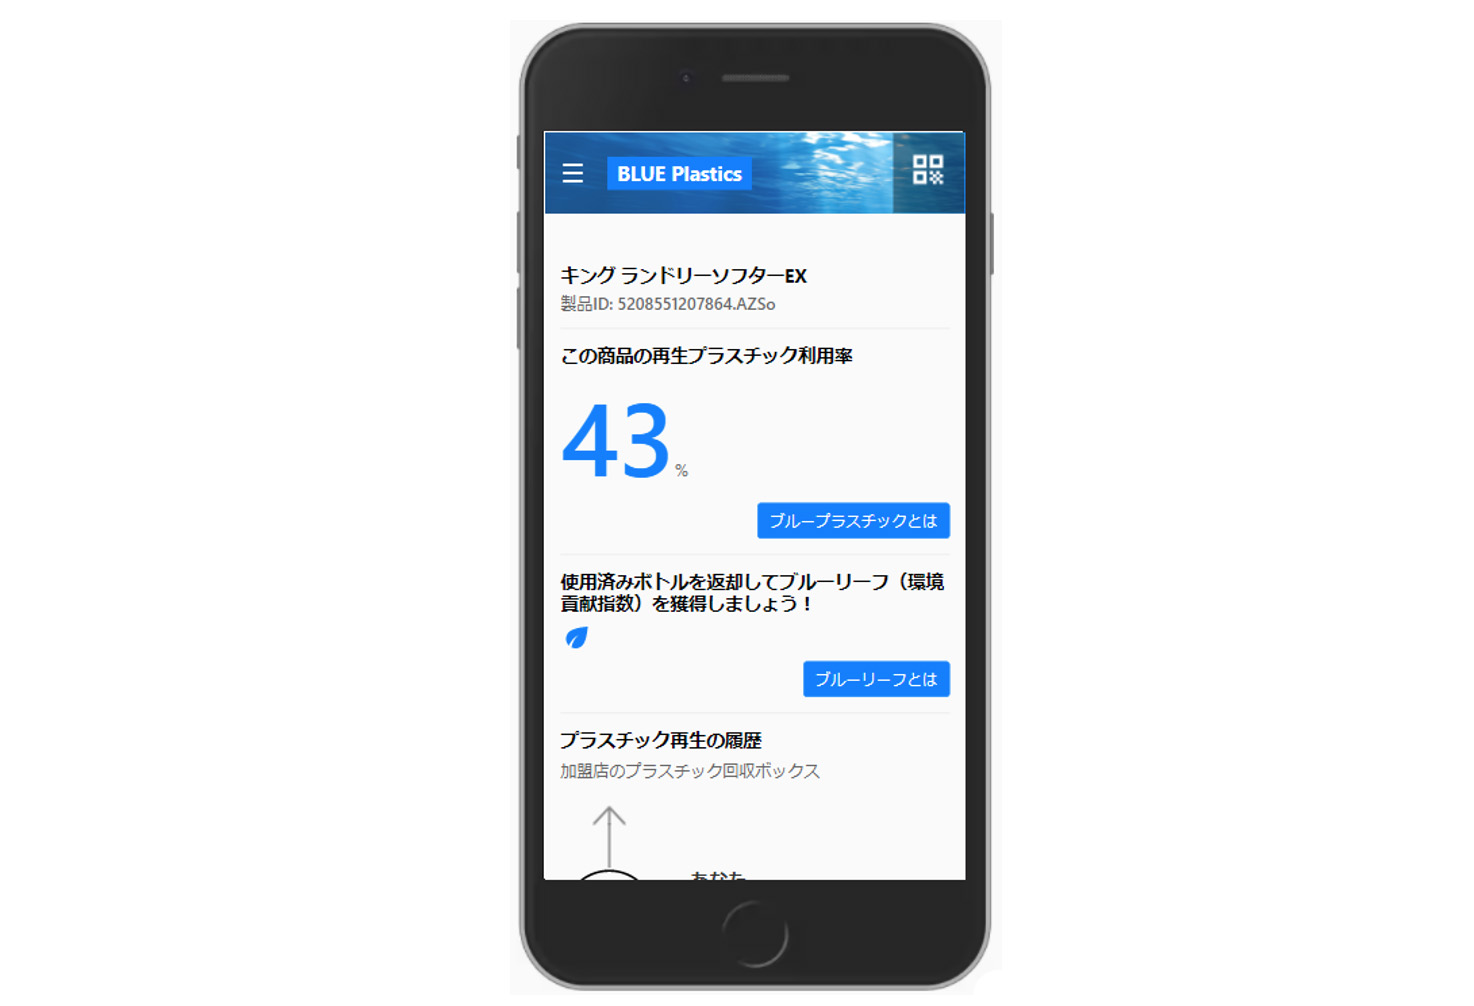 [プロトタイプ] 消費者向けアプリケーション